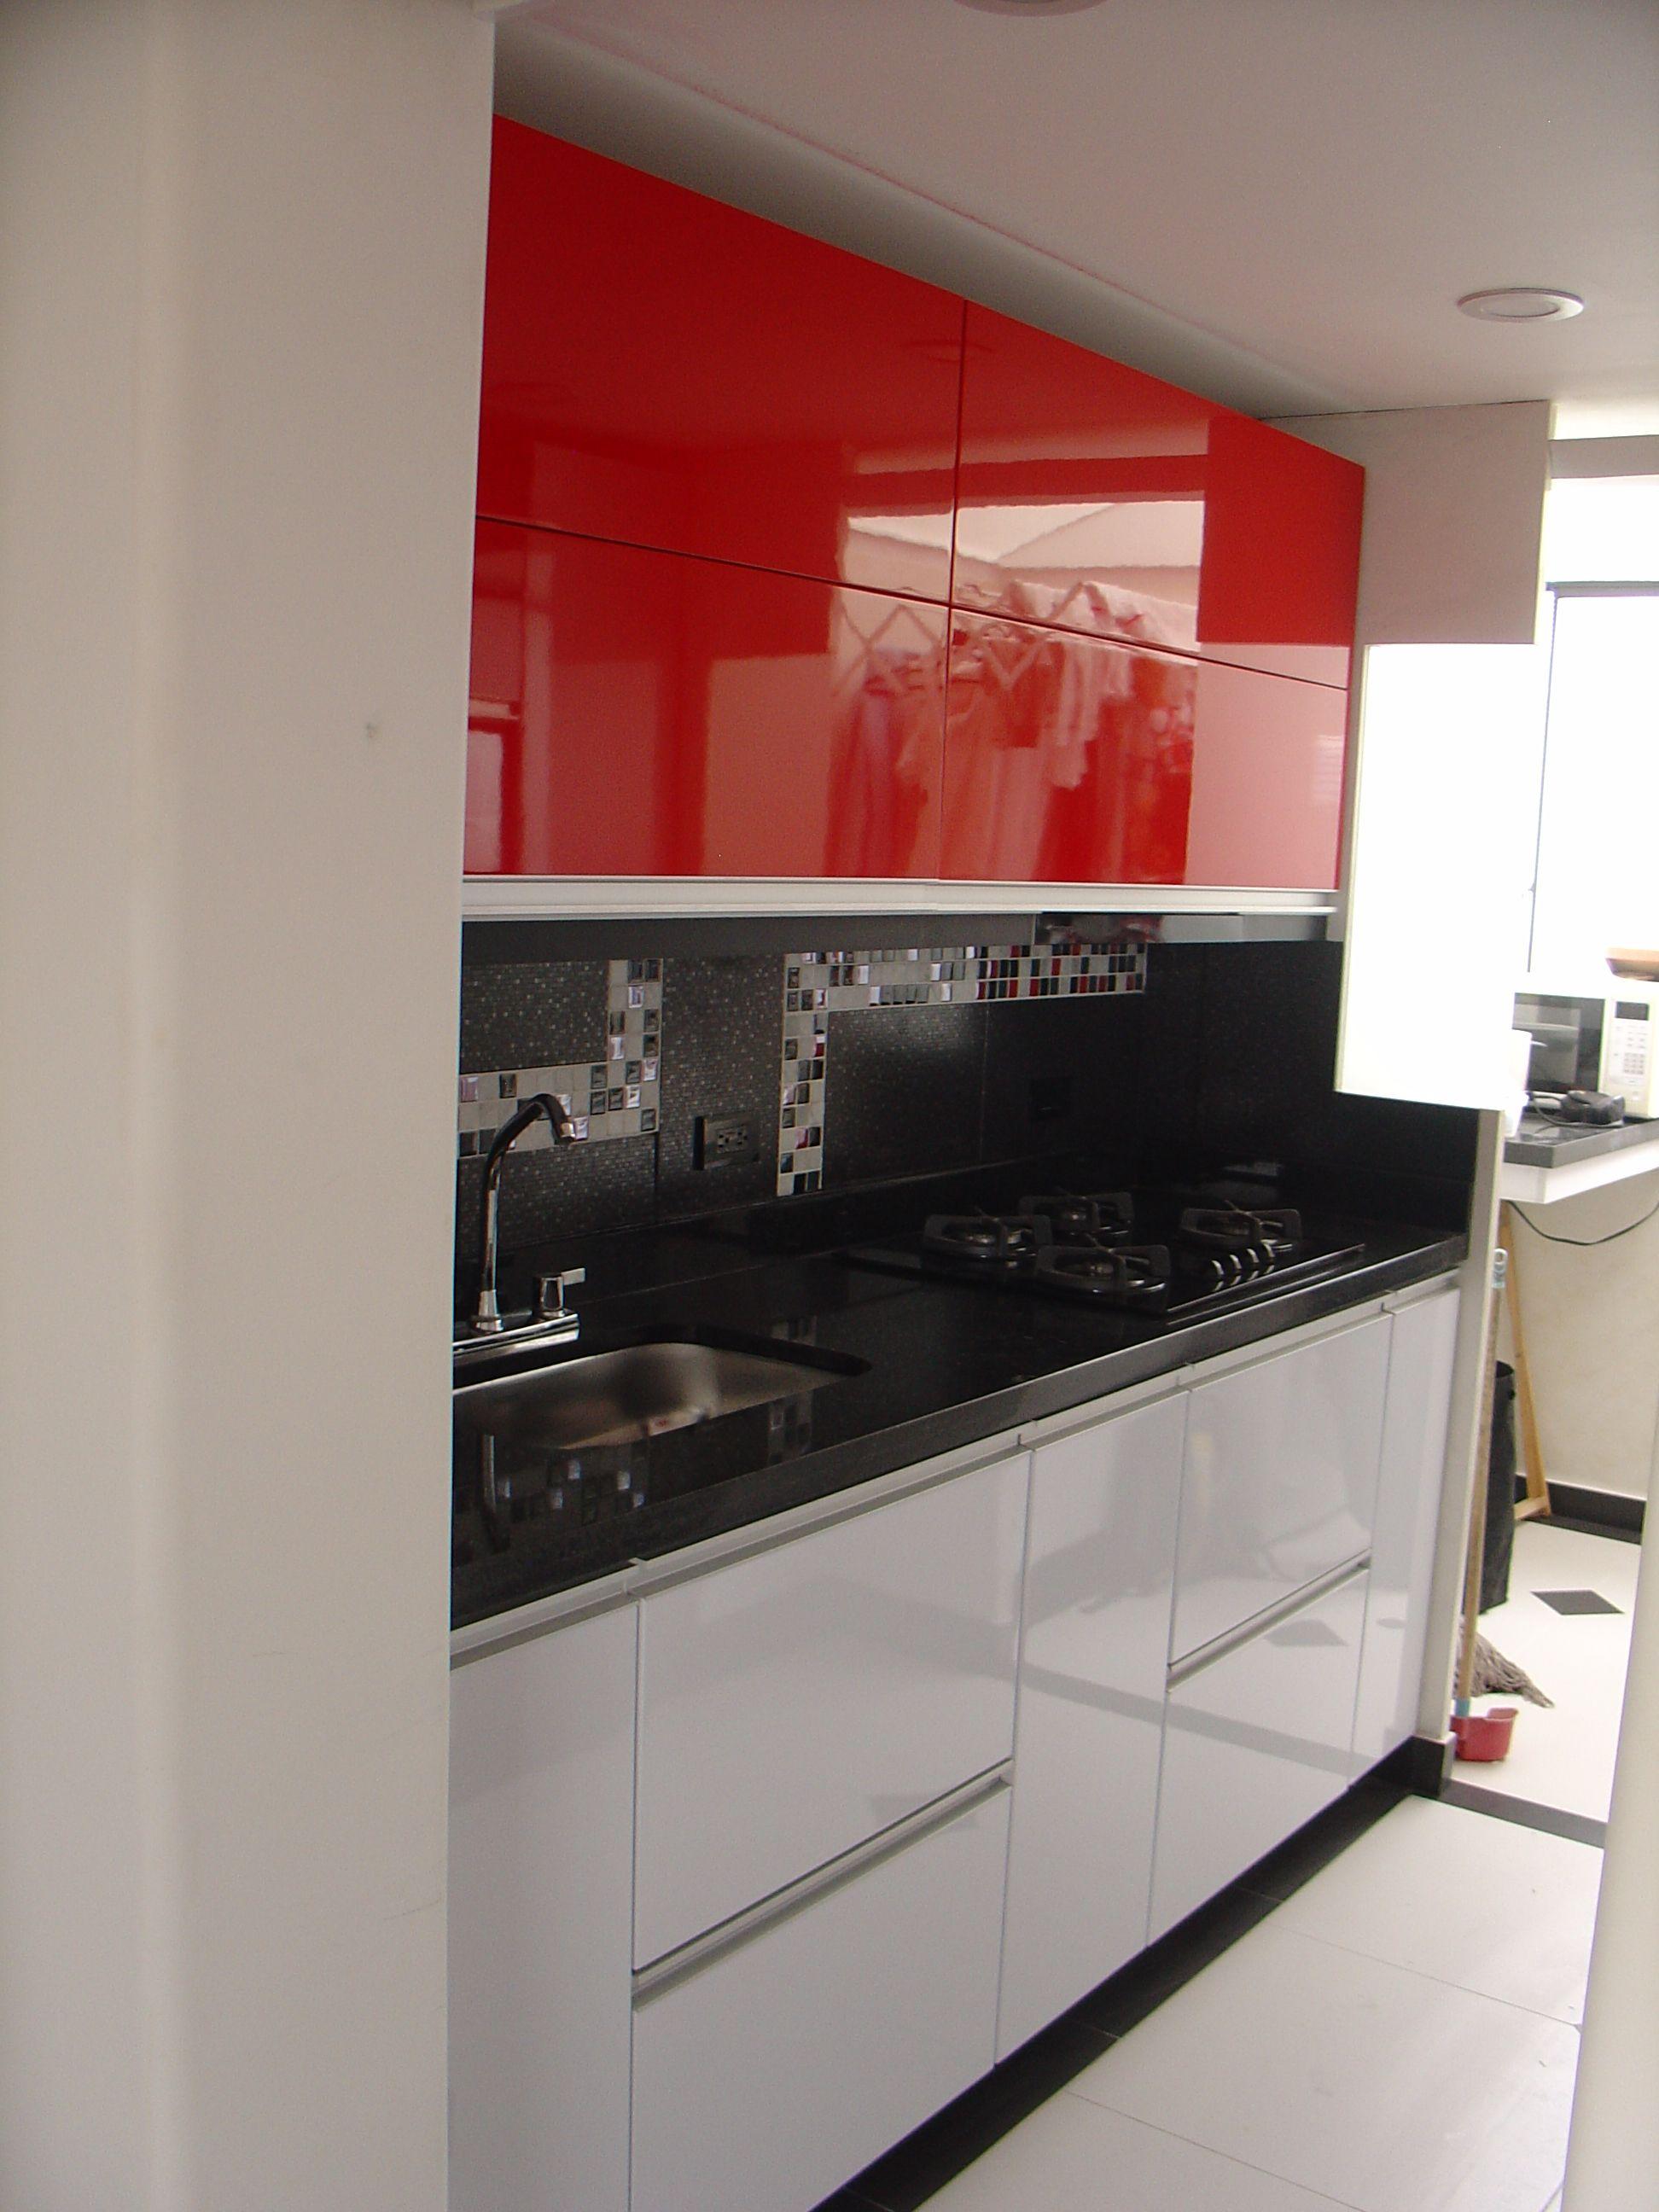 Cocina en poliuretano y aluminio blanca roja y negra for Cocinas integrales deco